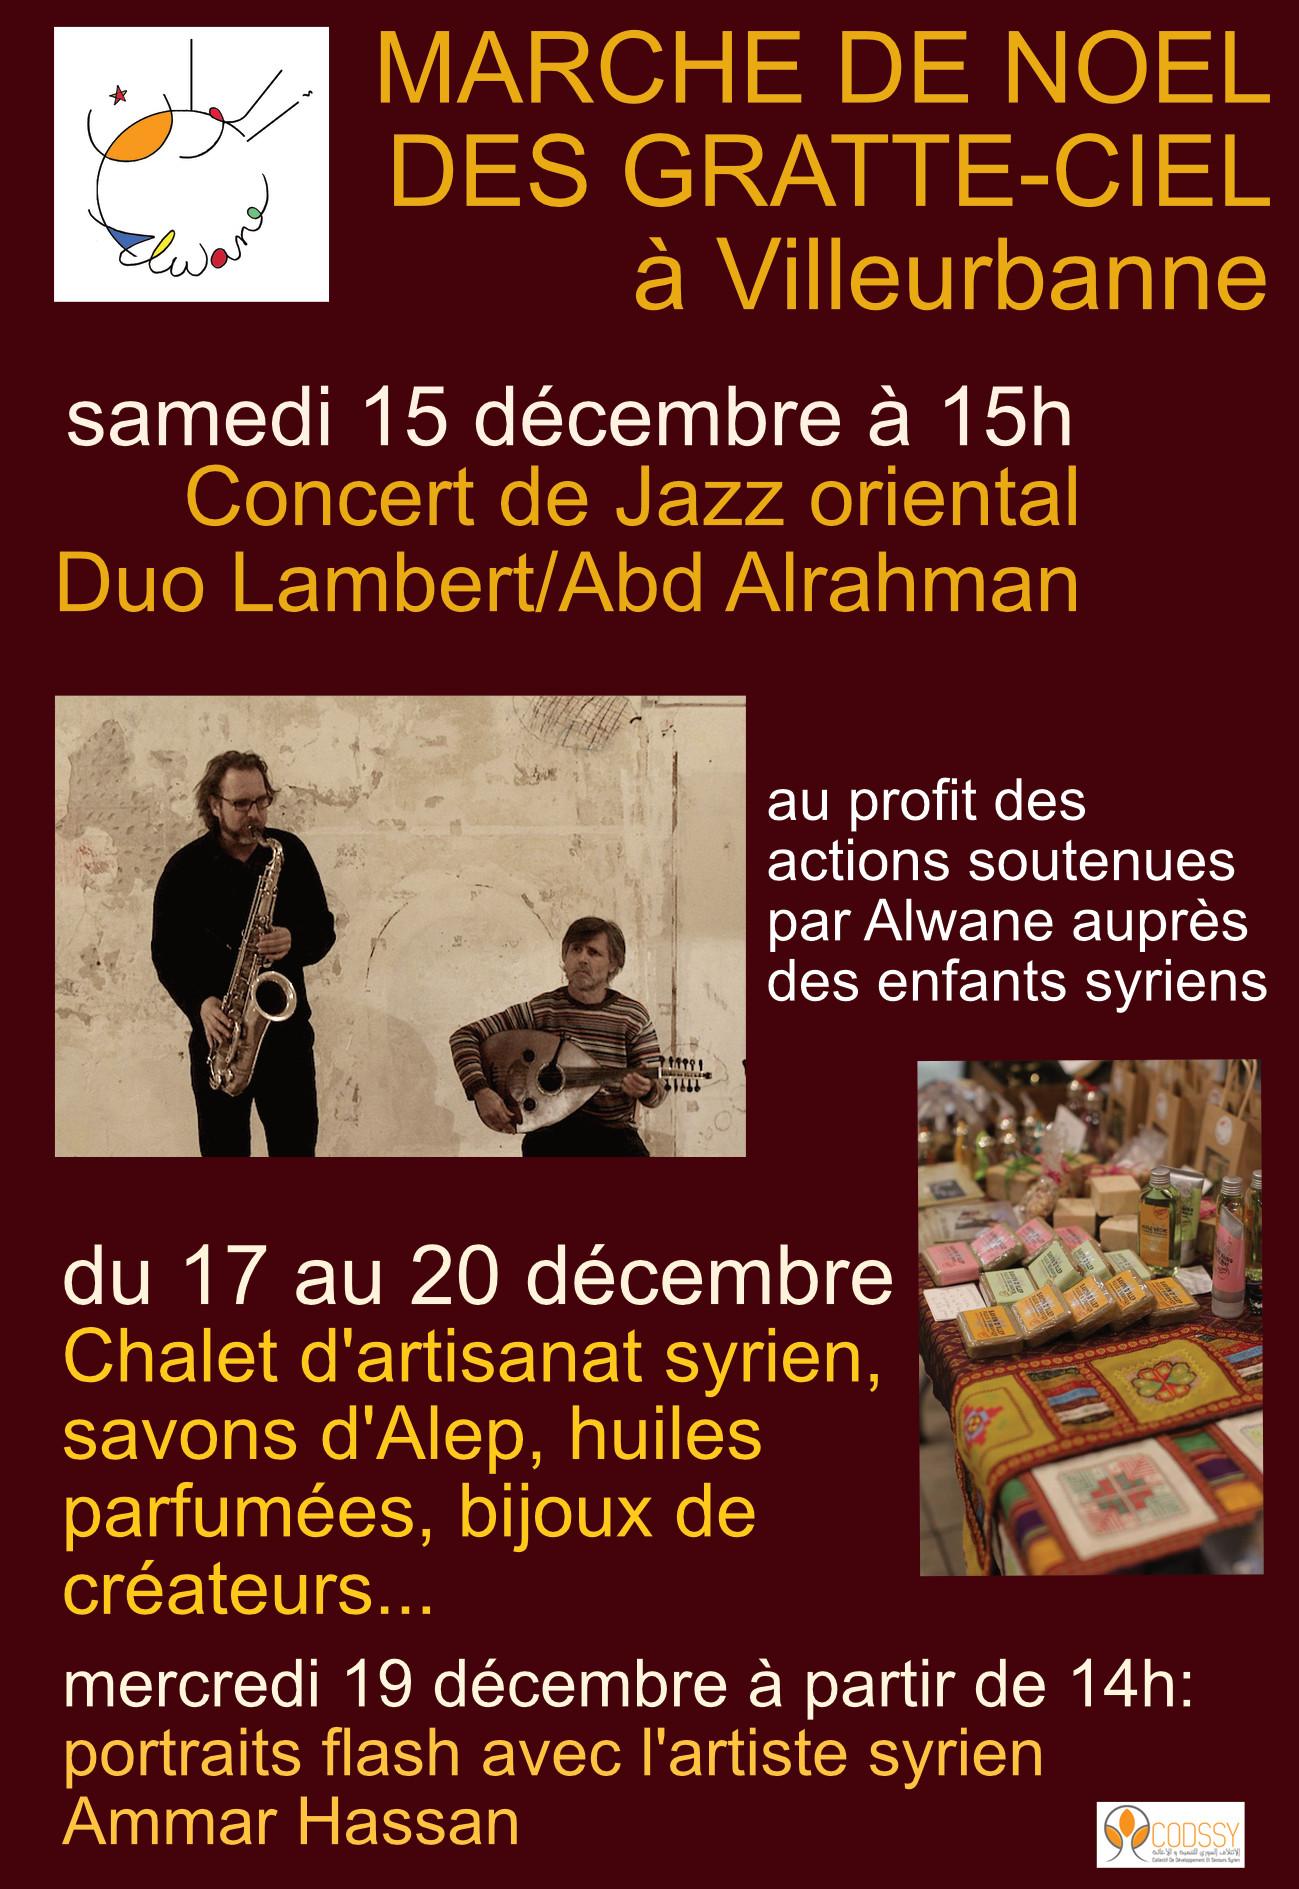 Marché de Noël à Villeurbanne